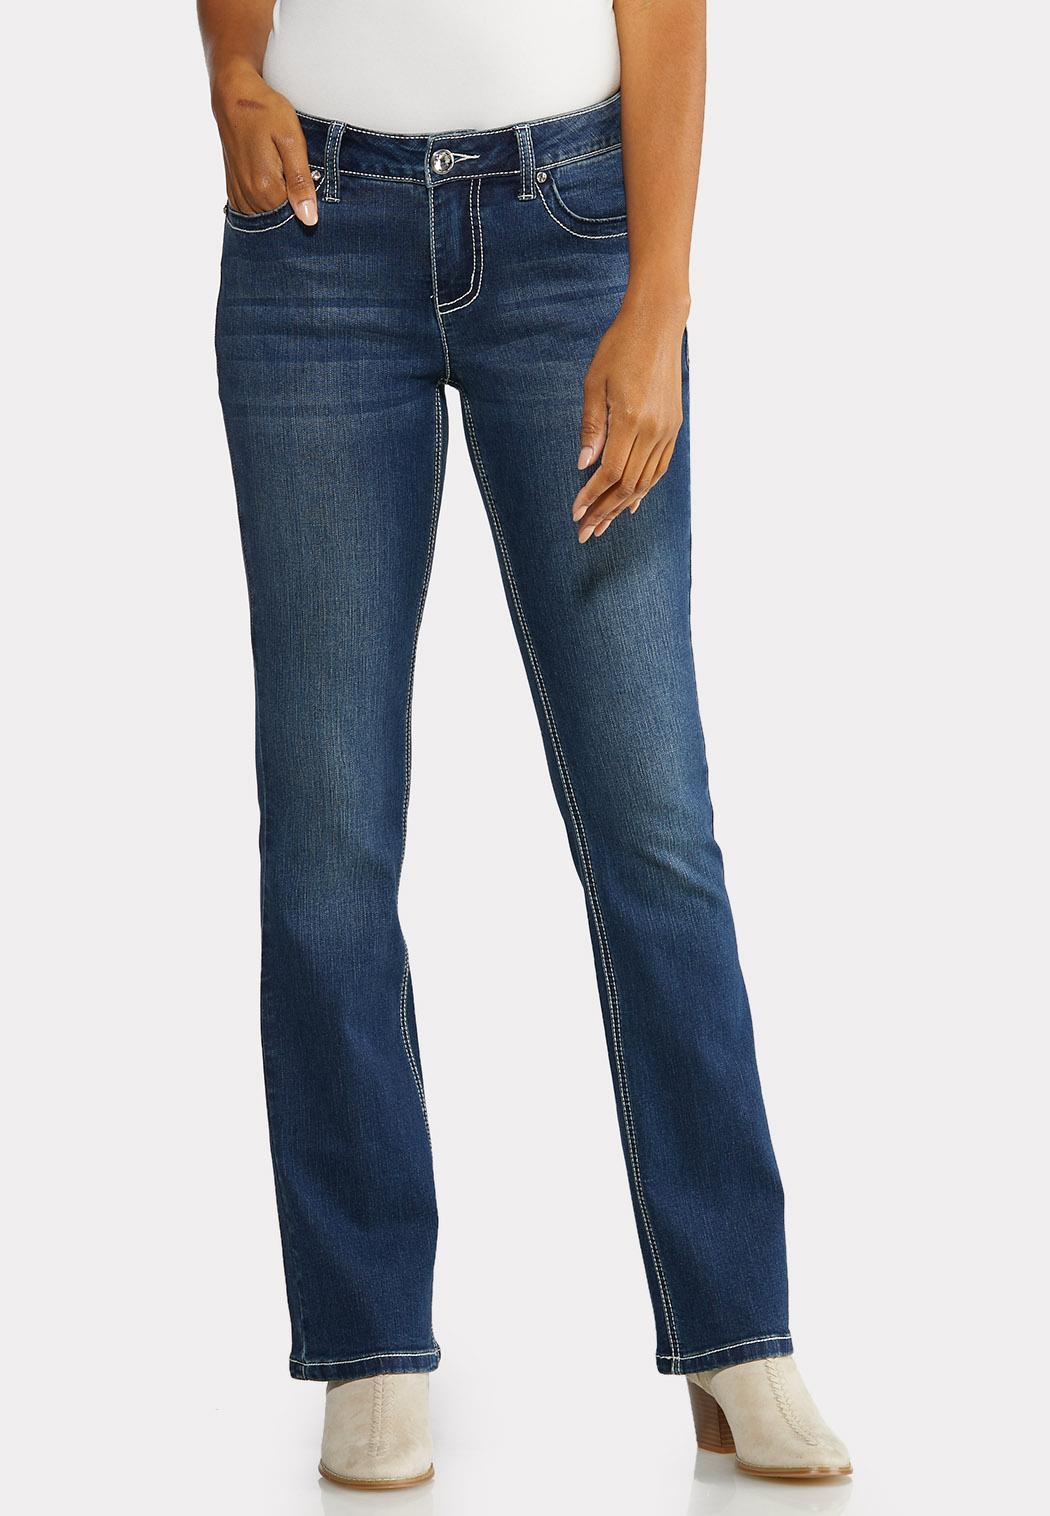 Bling Cross Pocket Jeans (Item #43991544)